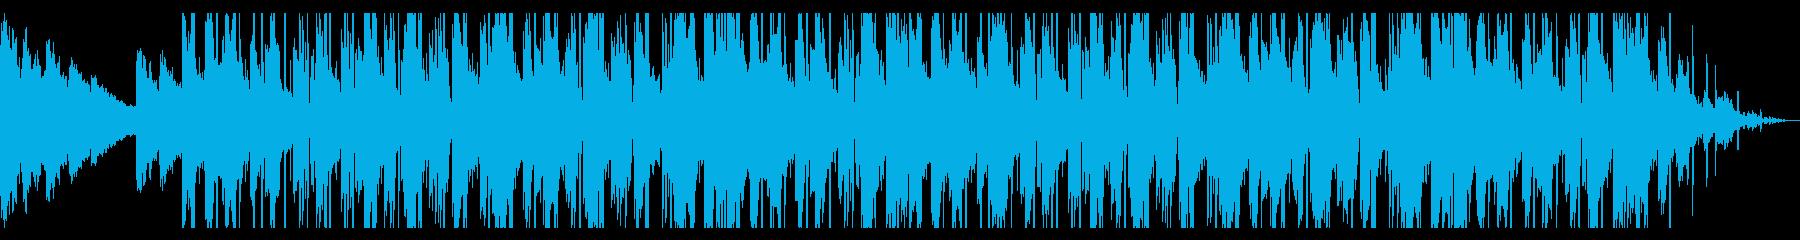 夜景の似合う大人な雰囲気のR&B。の再生済みの波形